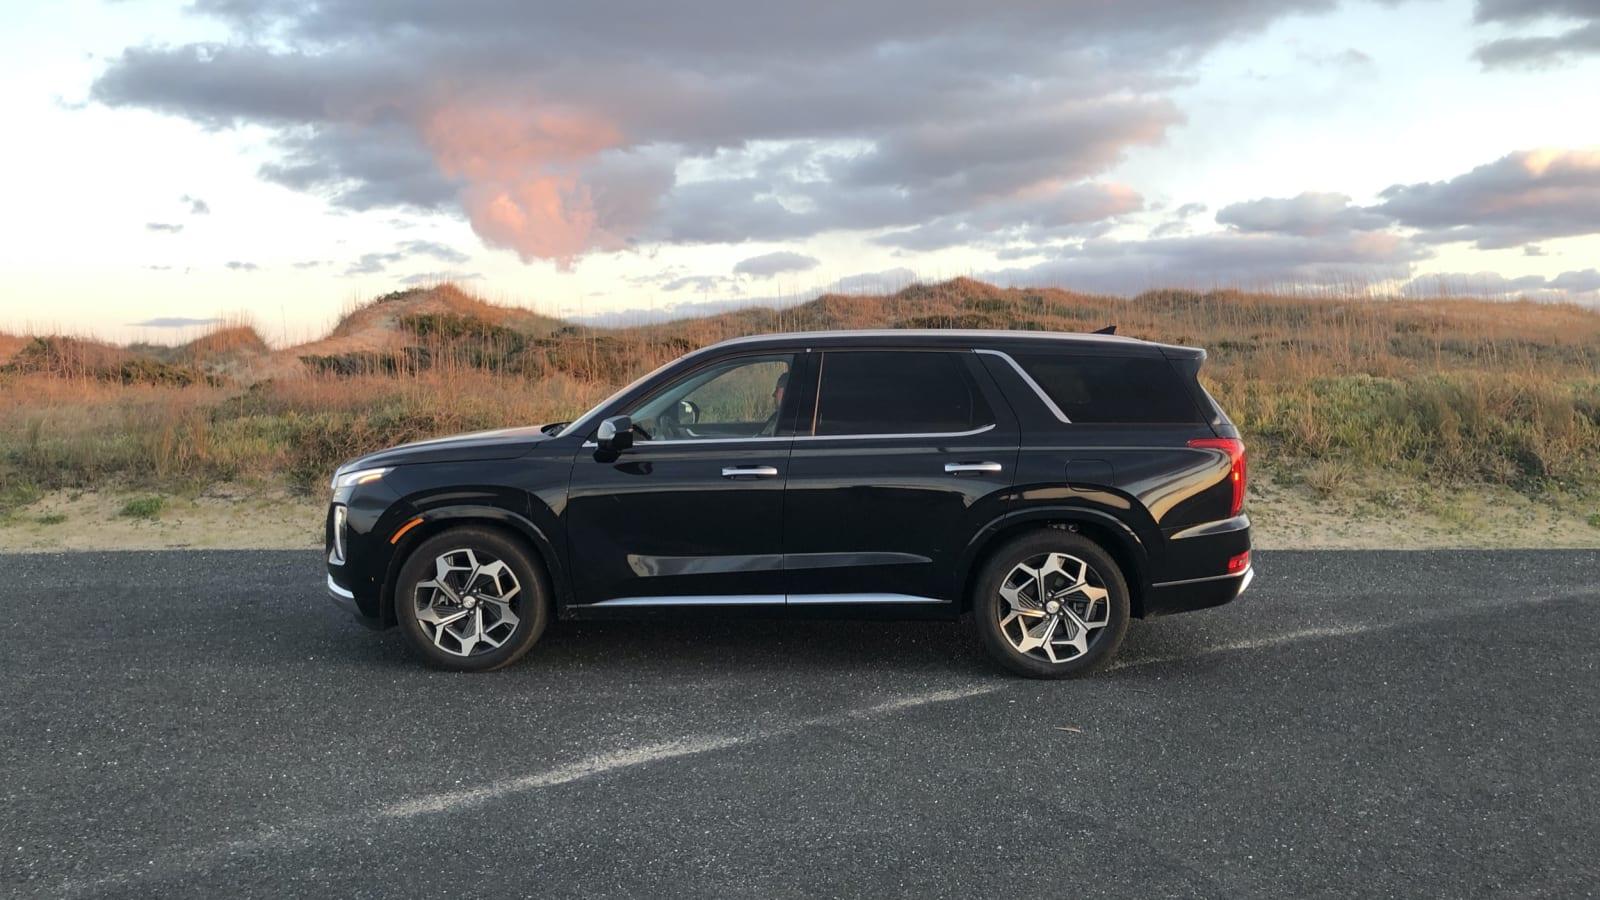 2021 Hyundai Palisade Long-Term Update | Road-trip to North Carolina